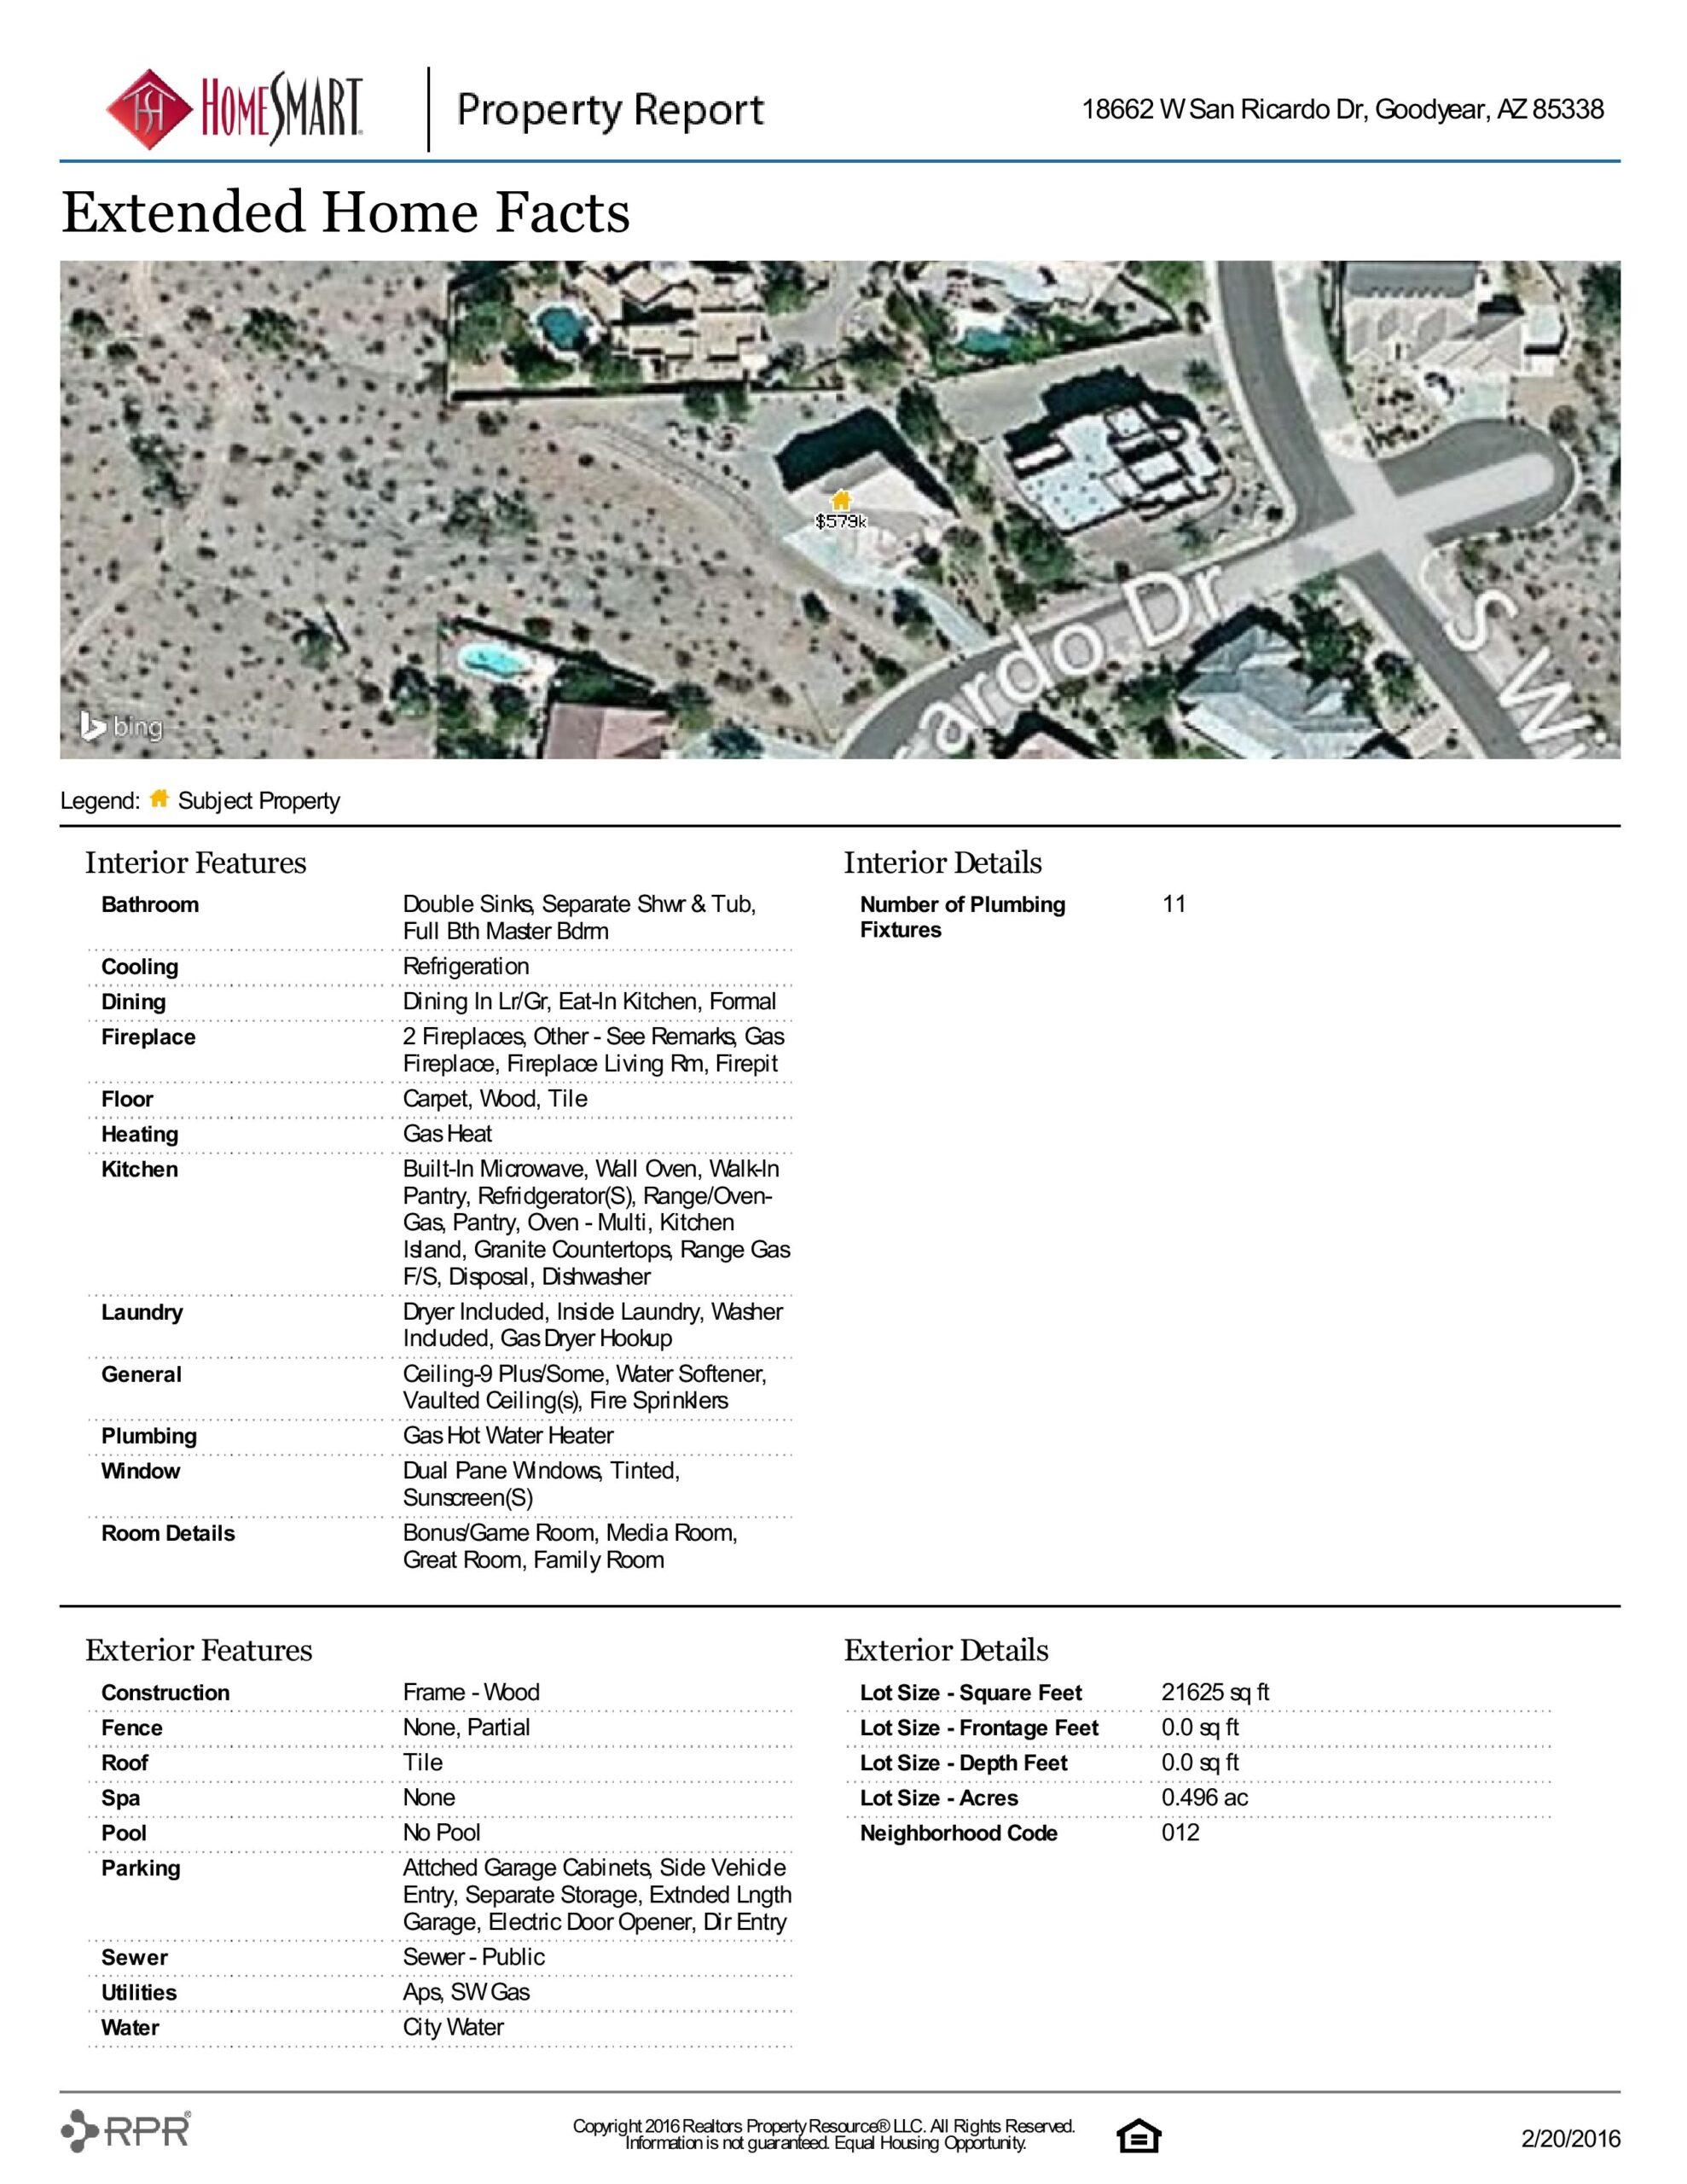 18662 W SAN RICARDO DR PROPERTY REPORT-page-004